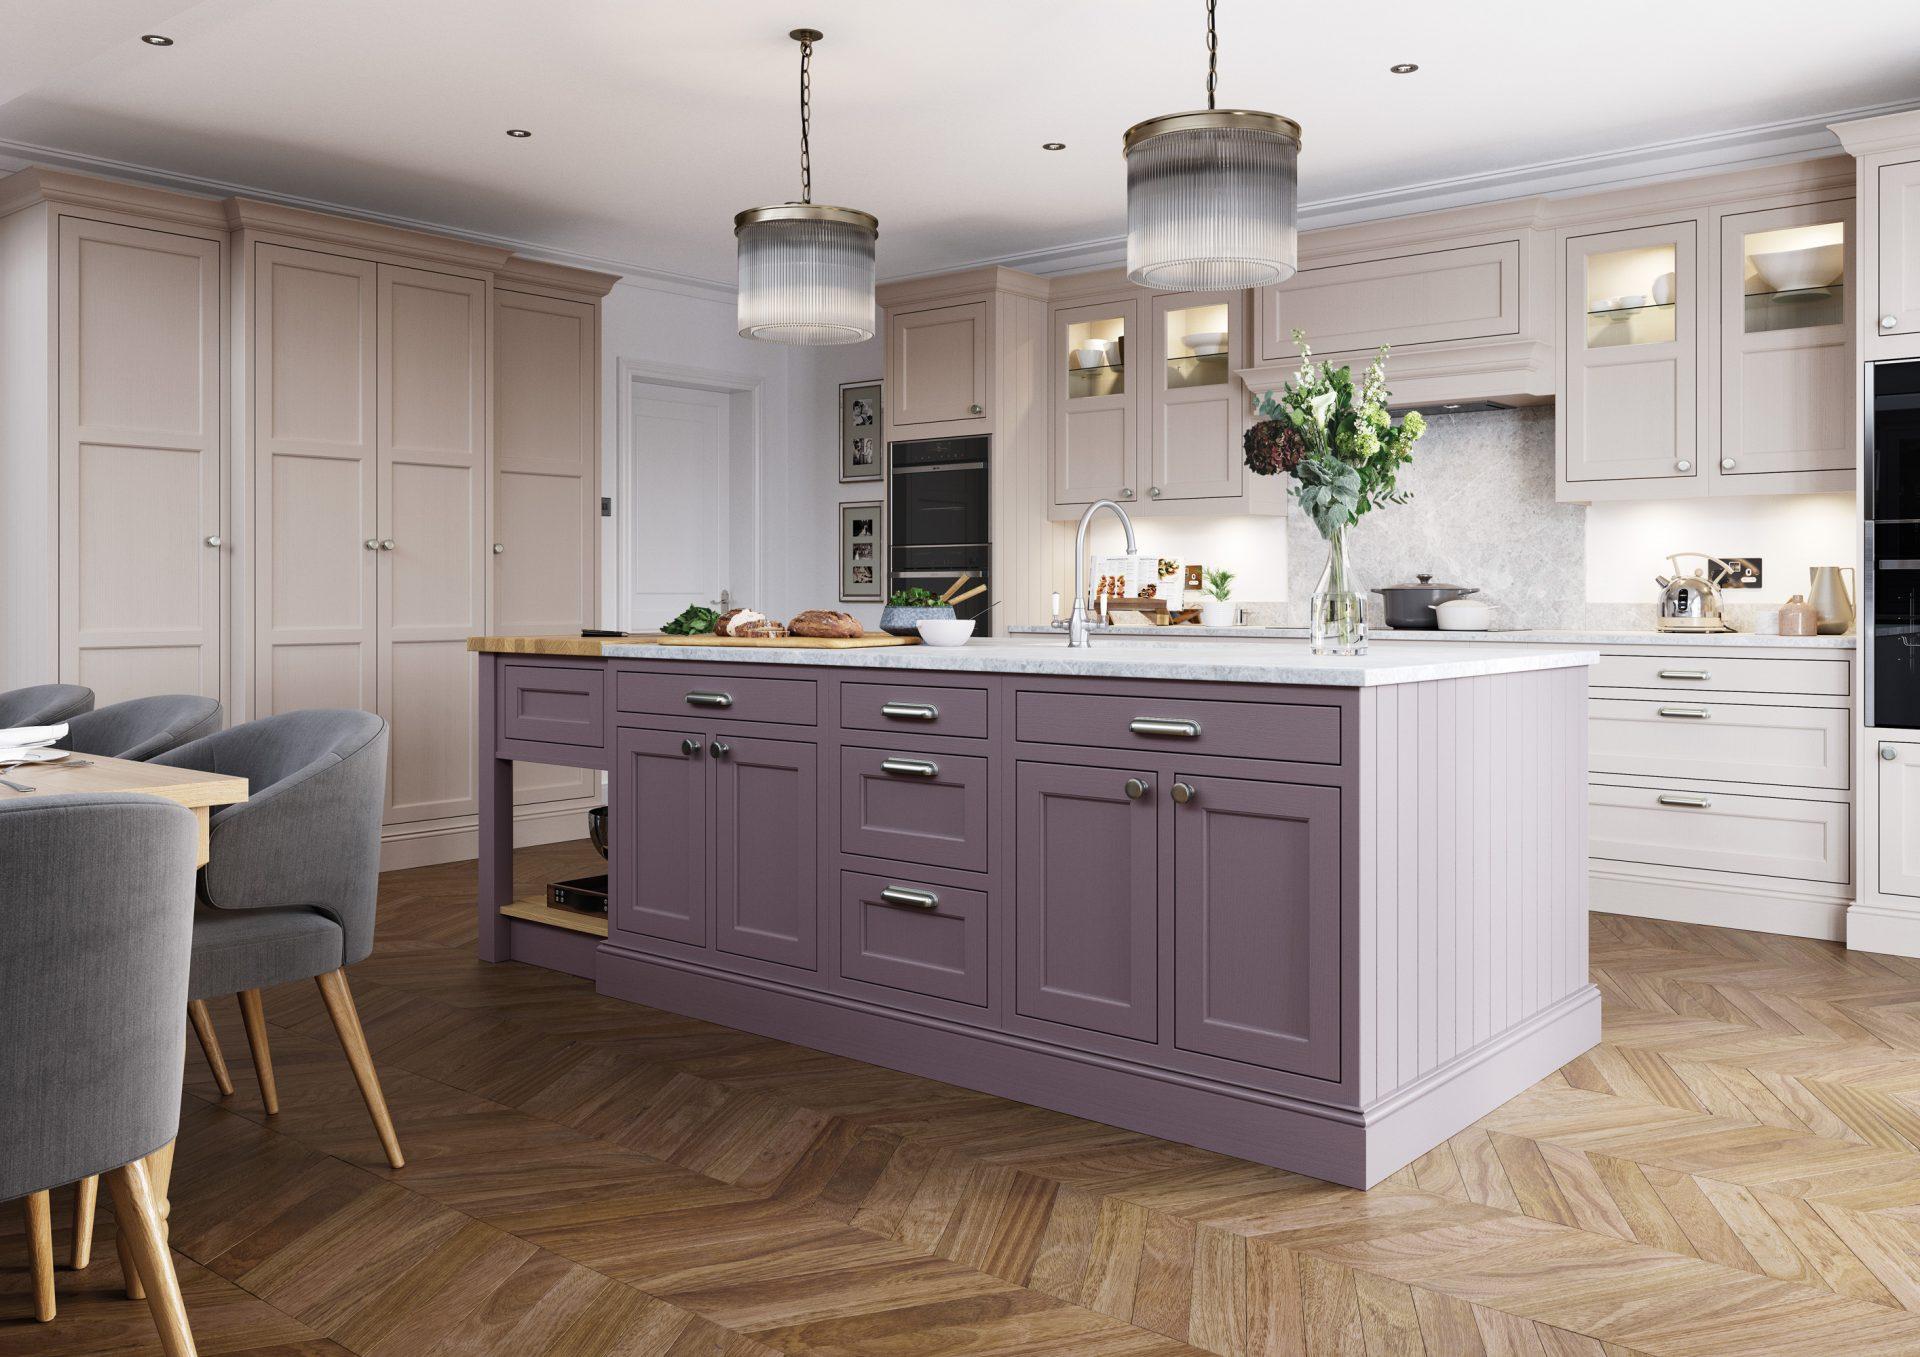 kitchens furniture. Kitchens Furniture. Kitchen Design Furniture